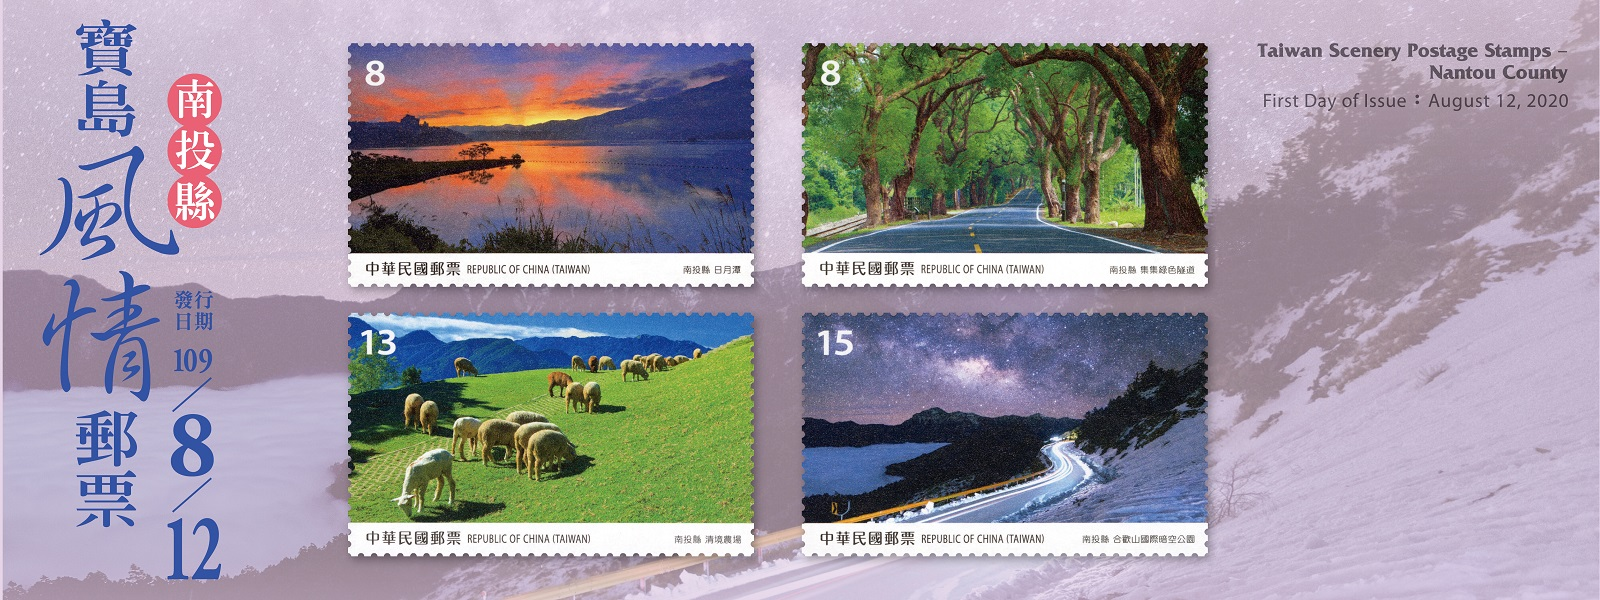 廣告連結:特695 寶島風情郵票-南投縣